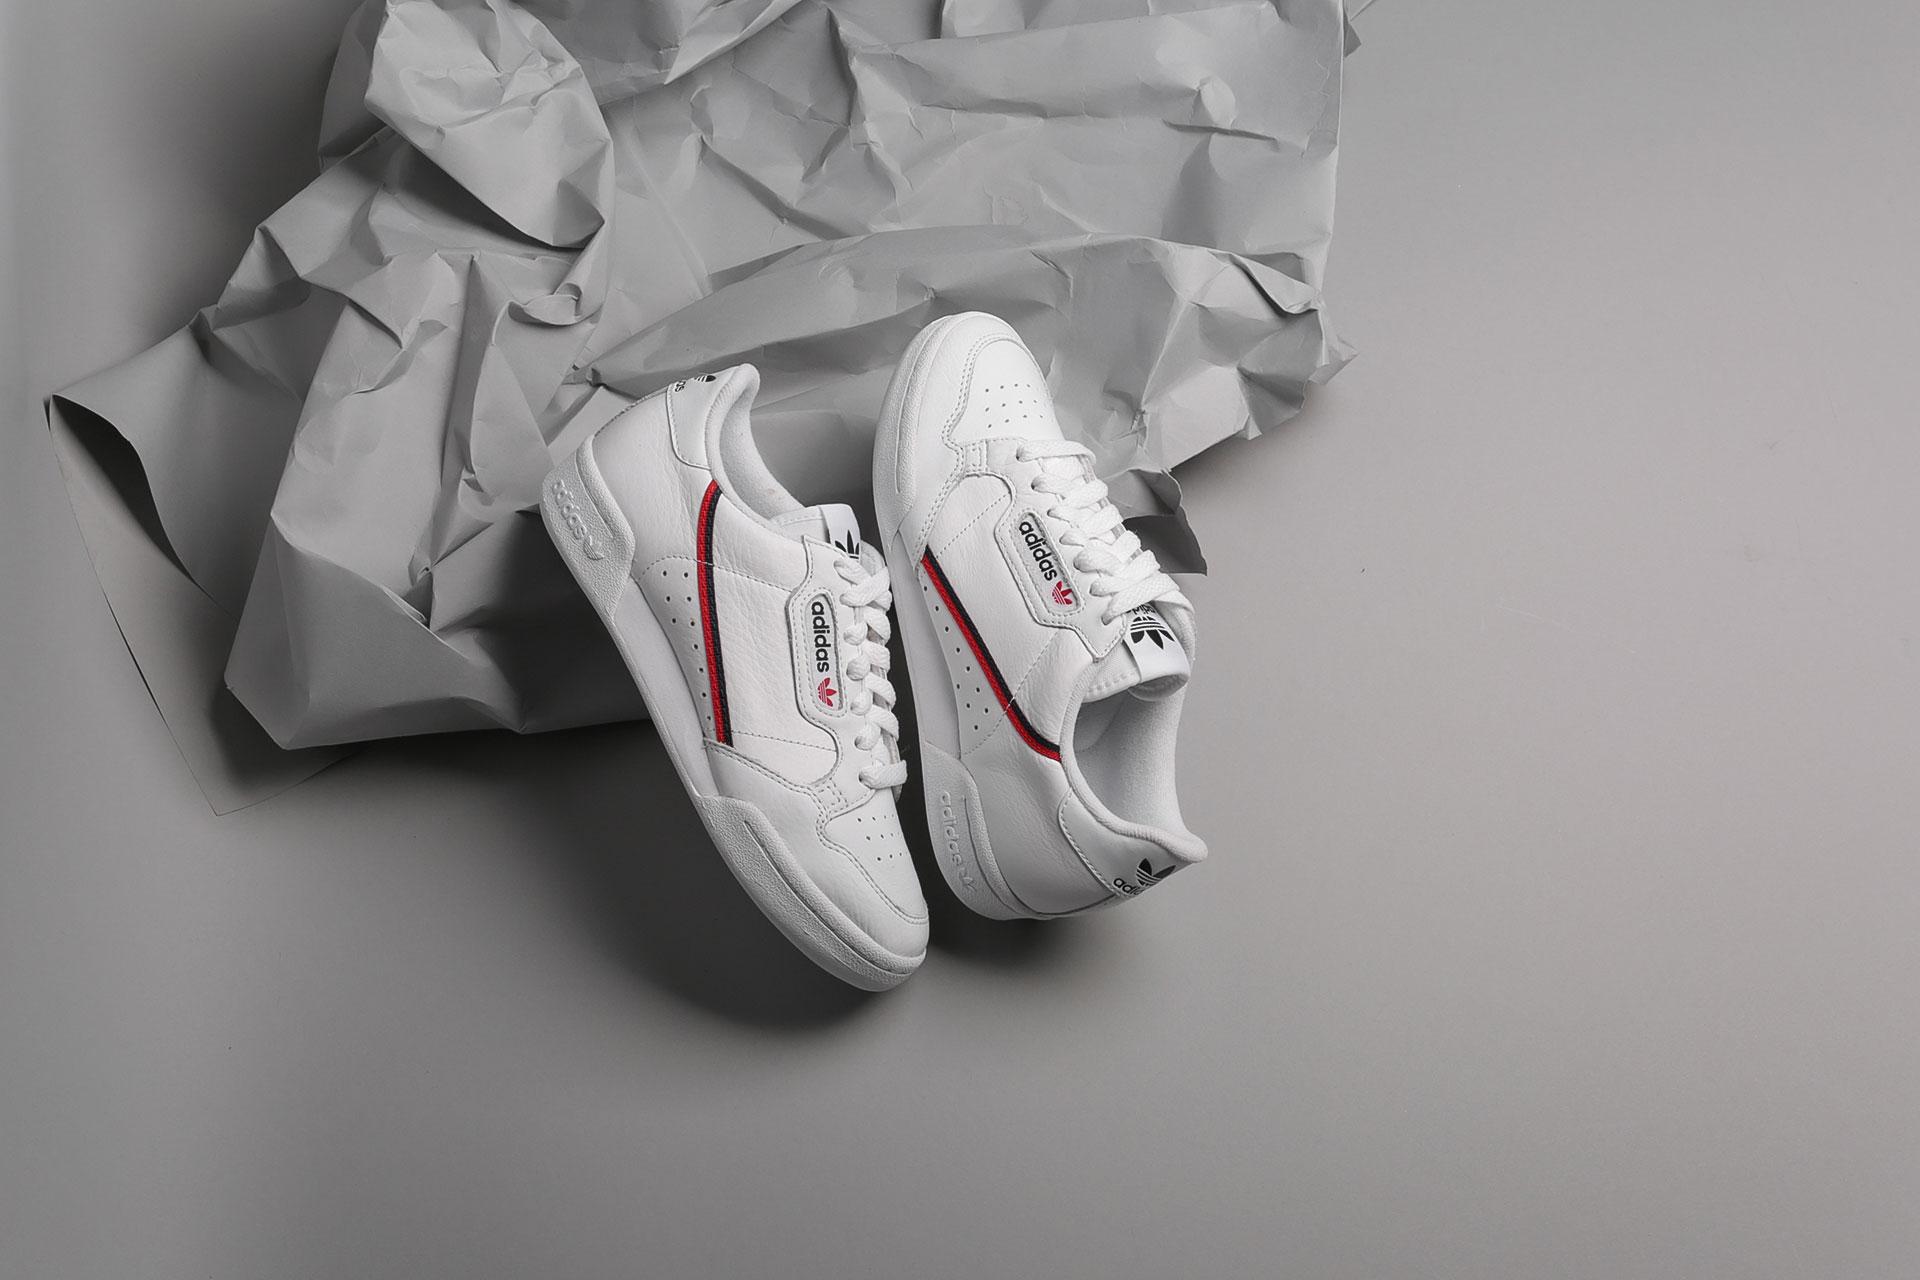 ba88ee75 Купить белые кроссовки Continental 80 от adidas Originals (B41674 ...